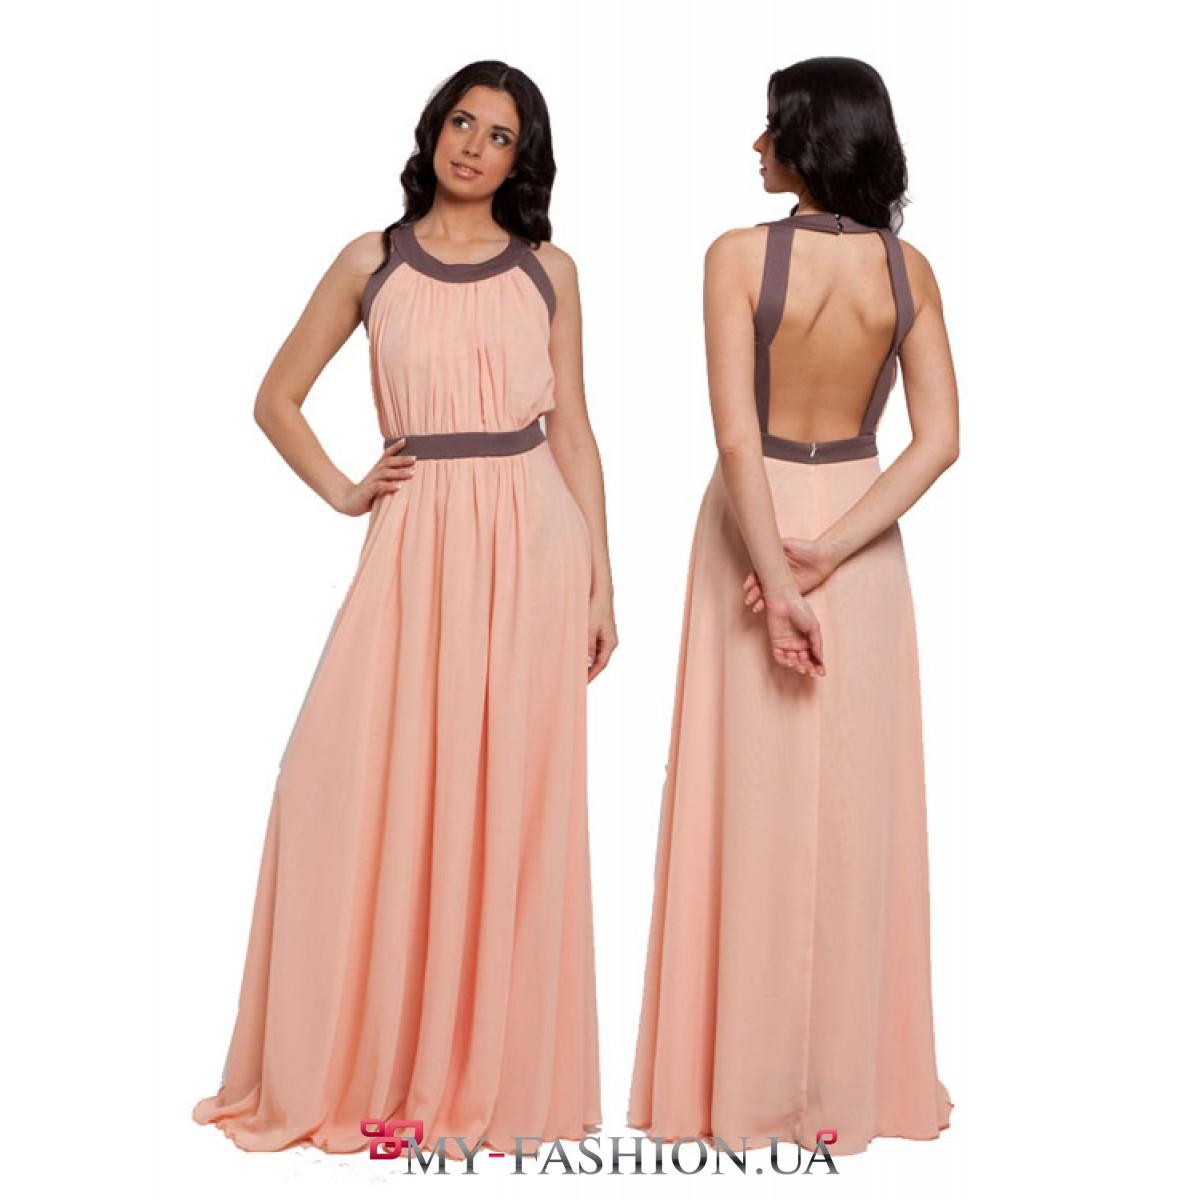 Коллекция платьев 2017 доставка